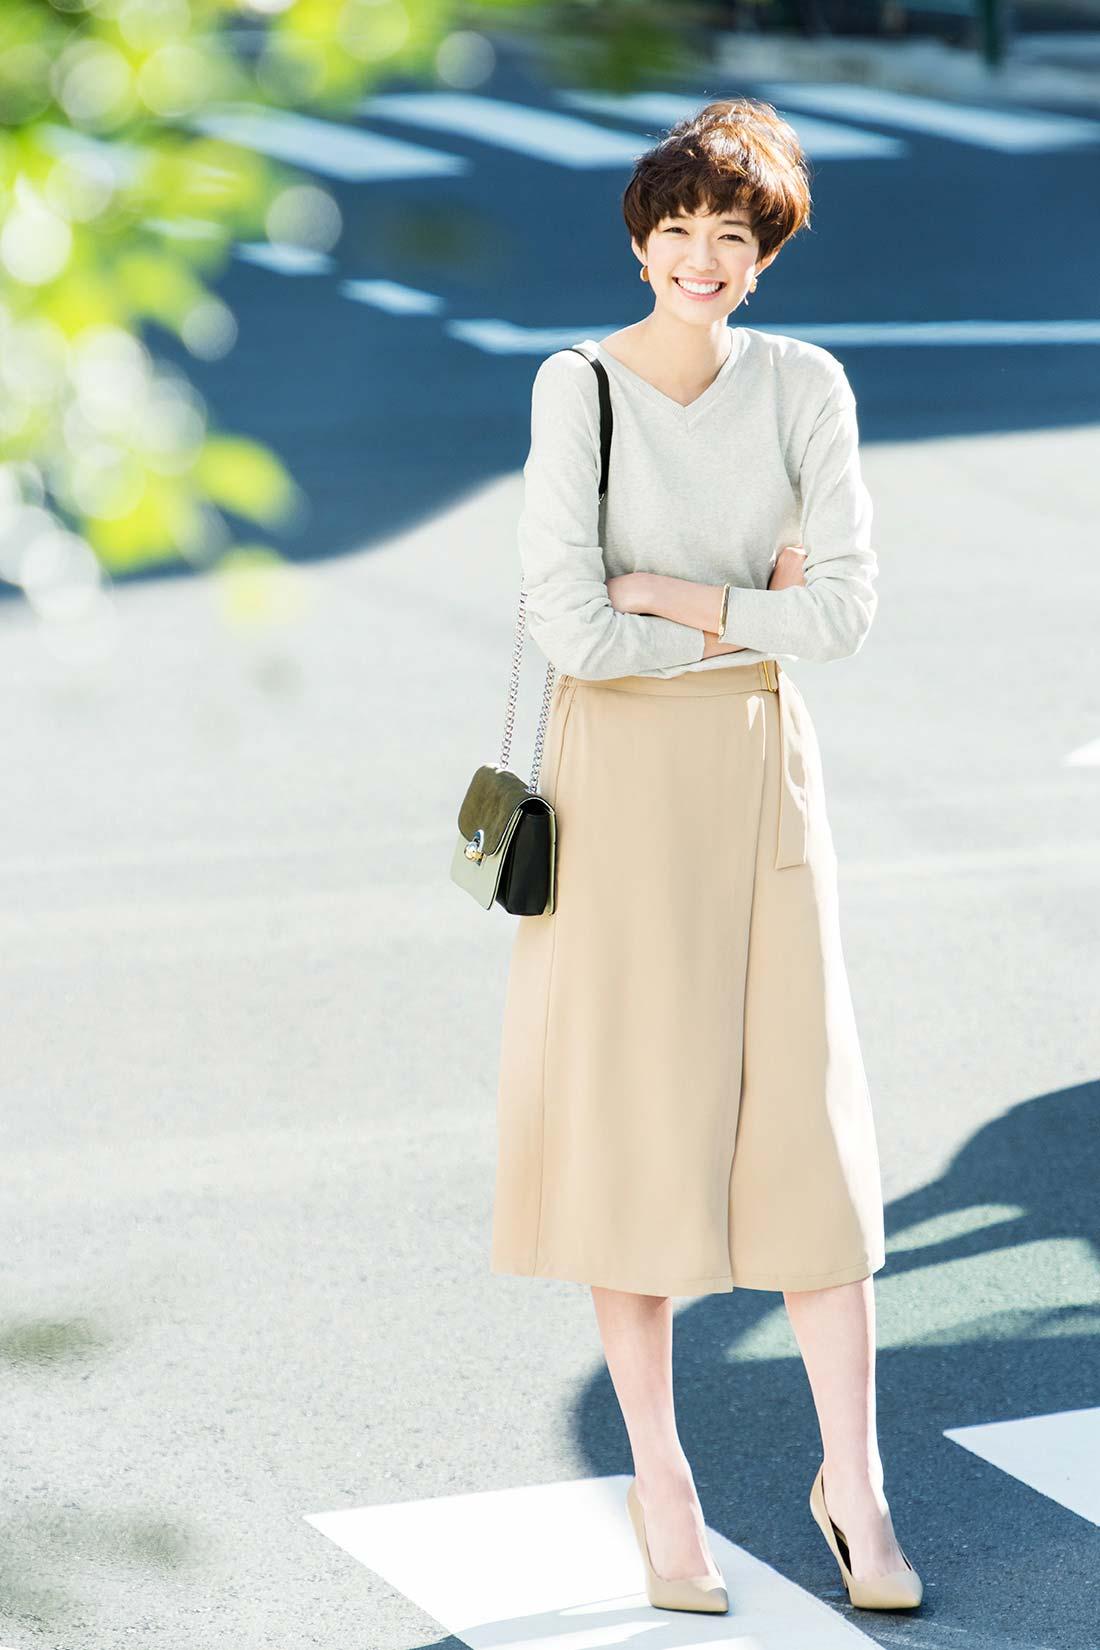 ニュアンスカラーに心やわらぐ、クリーンな春スタイル。シルク混ニットで上質感を漂わせつつ、ラップスカート風のパンツで旬顔アピール。すらりとしたⅠラインシルエットも今っぽさの秘密です。 ※着用イメージです。お届けカラーとは異なります。